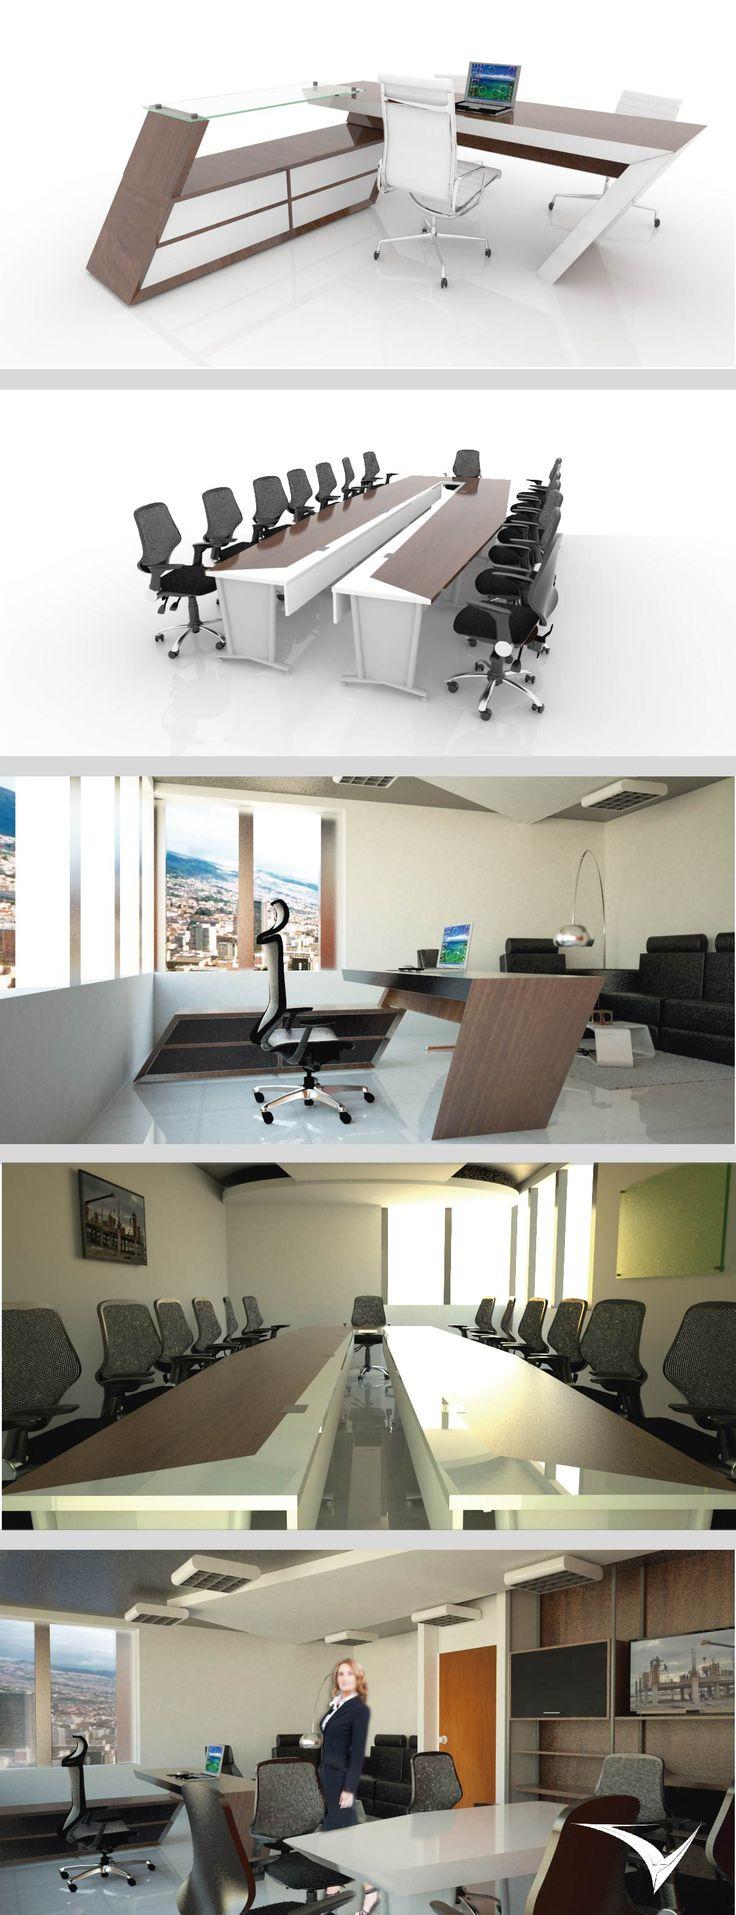 M s de 1000 ideas sobre fondos de escritorio de oficina en for Mobiliario de oficina colombia